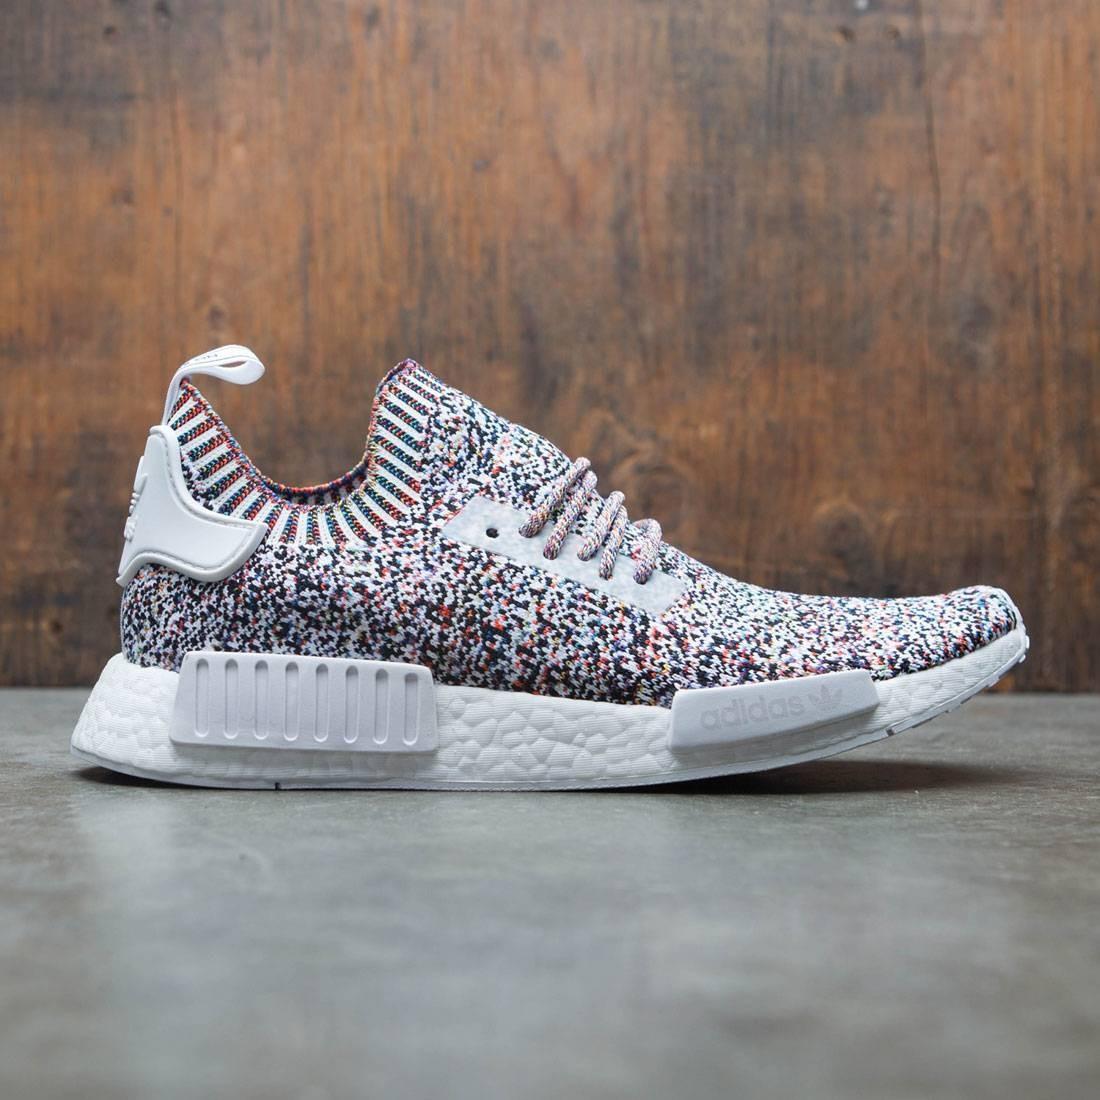 b99784cb switzerland wmns adidas nmd runner silver sneaker steal 435d6 83b68